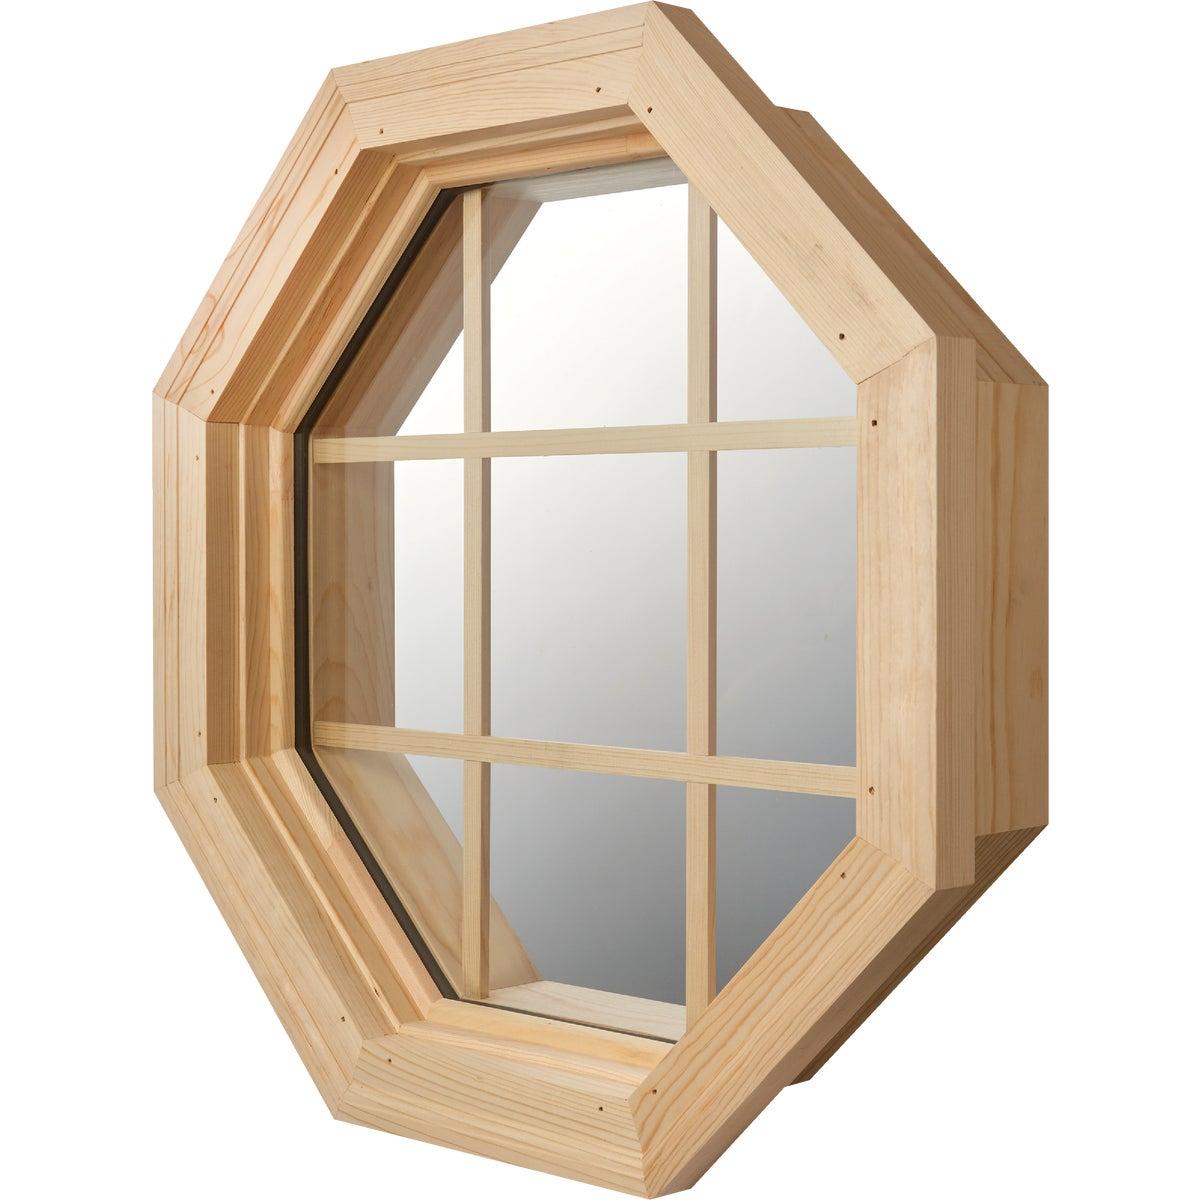 Wd Octagon Inslat Window